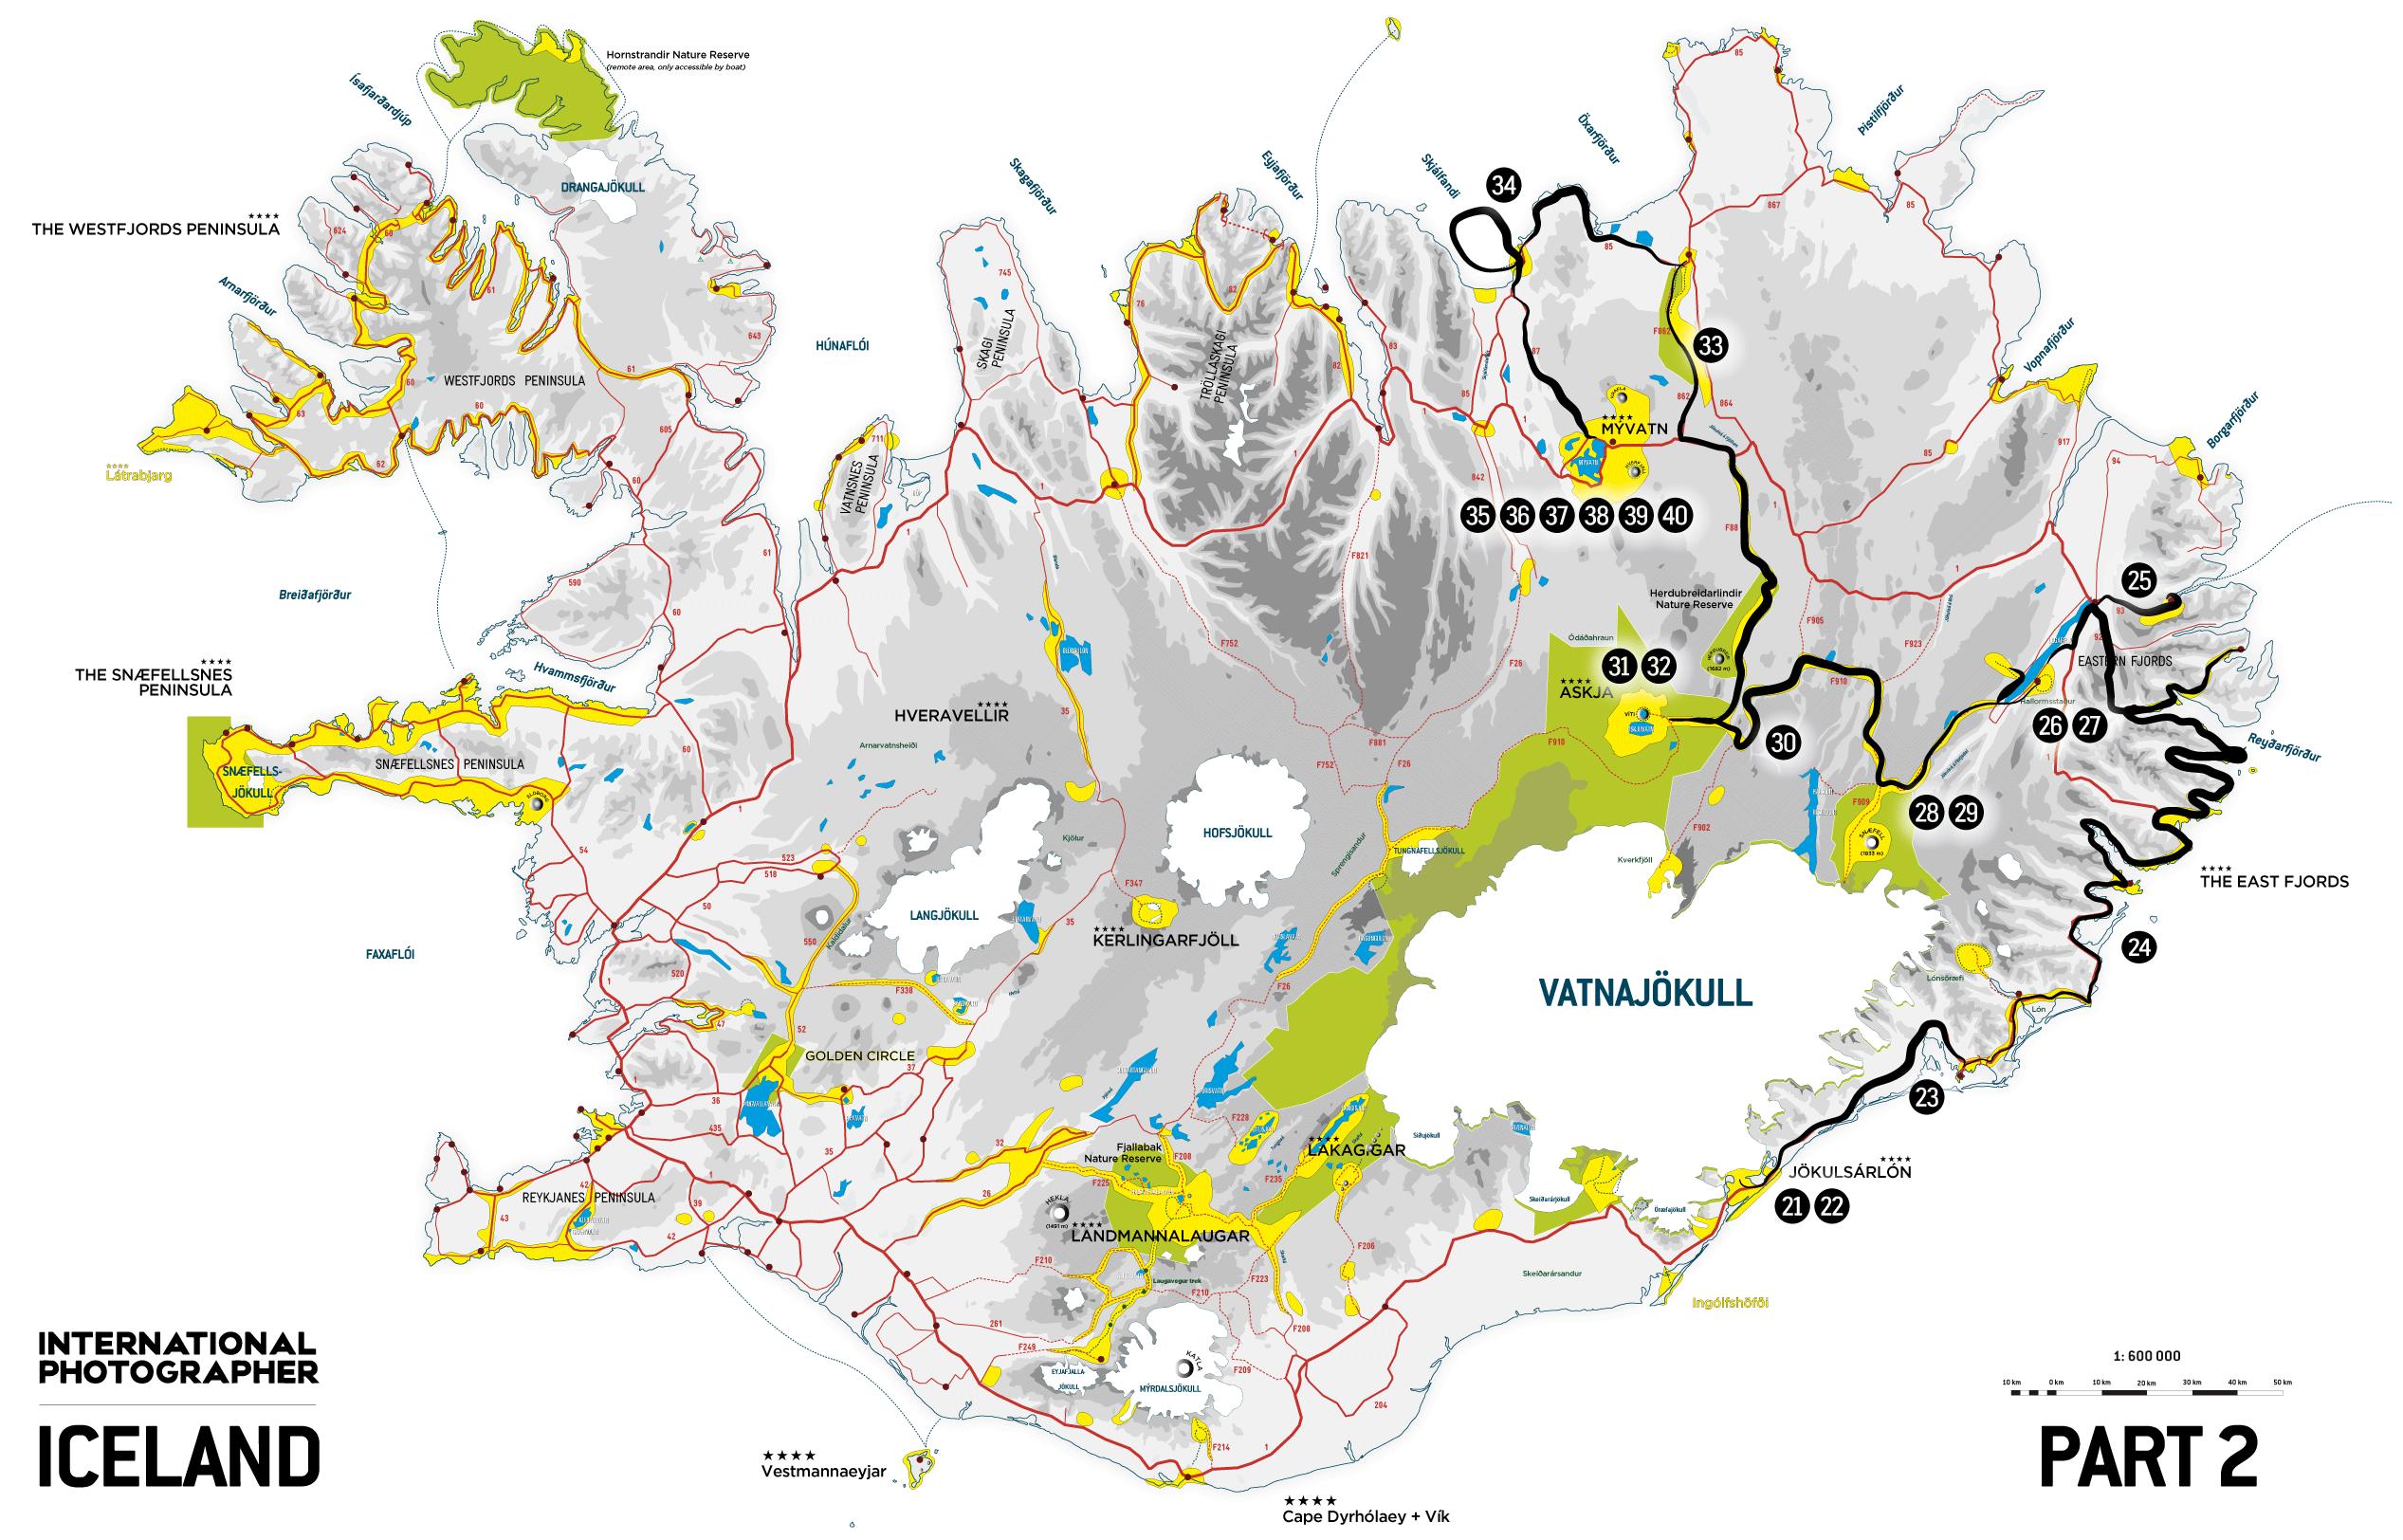 Carte de la deuxième partie du road trip en Islande en 2009